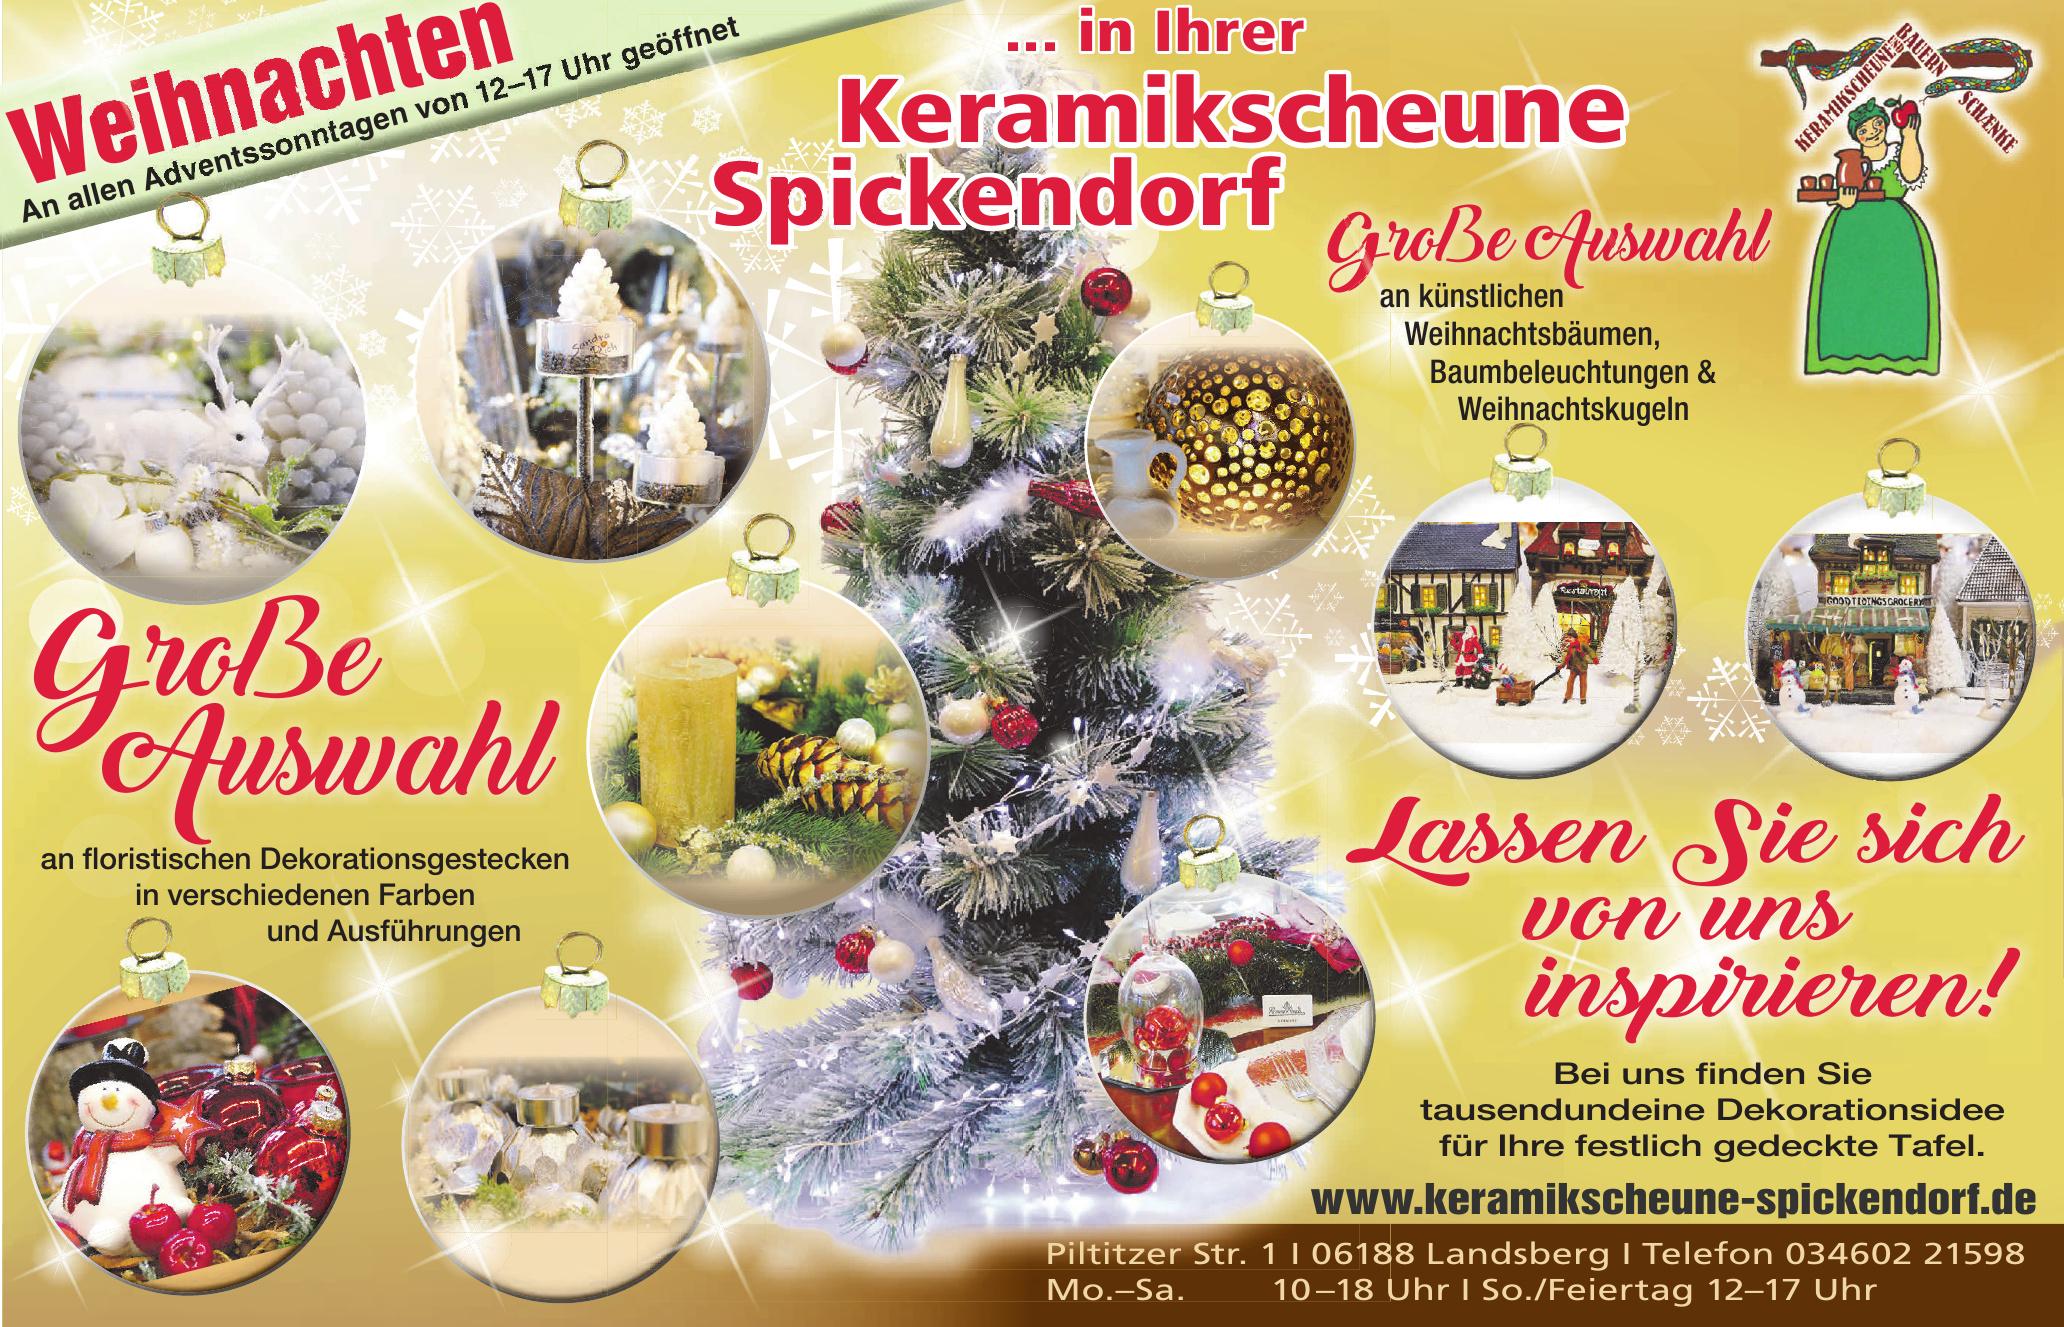 Keramikscheune Spickendorf